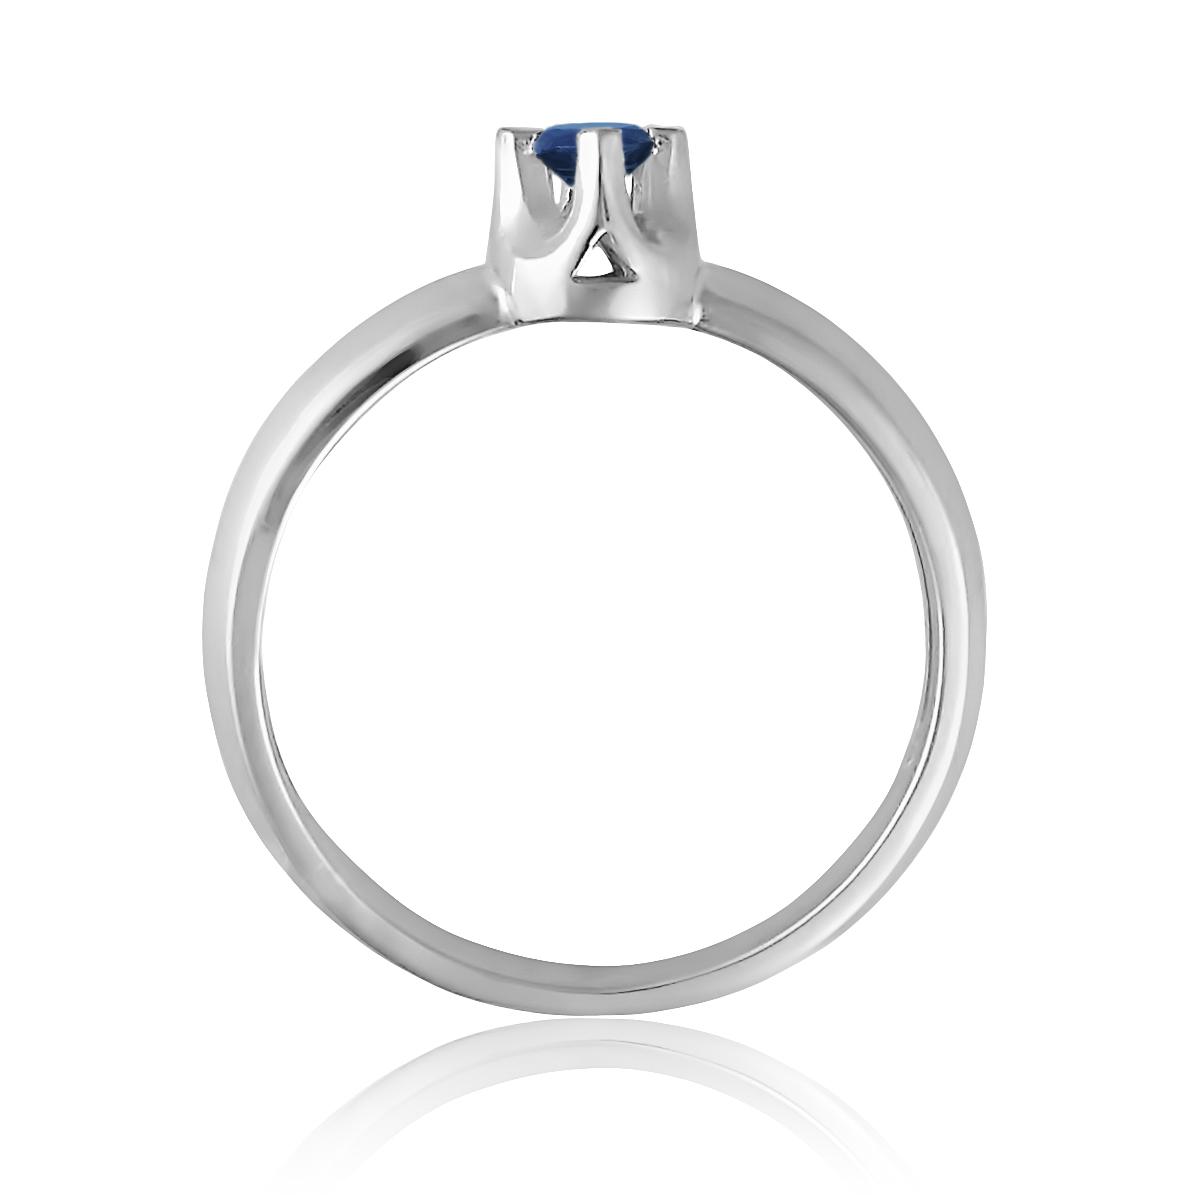 Золотое кольцо для помолвки c сапфиром 0.08 Ct «Софи»